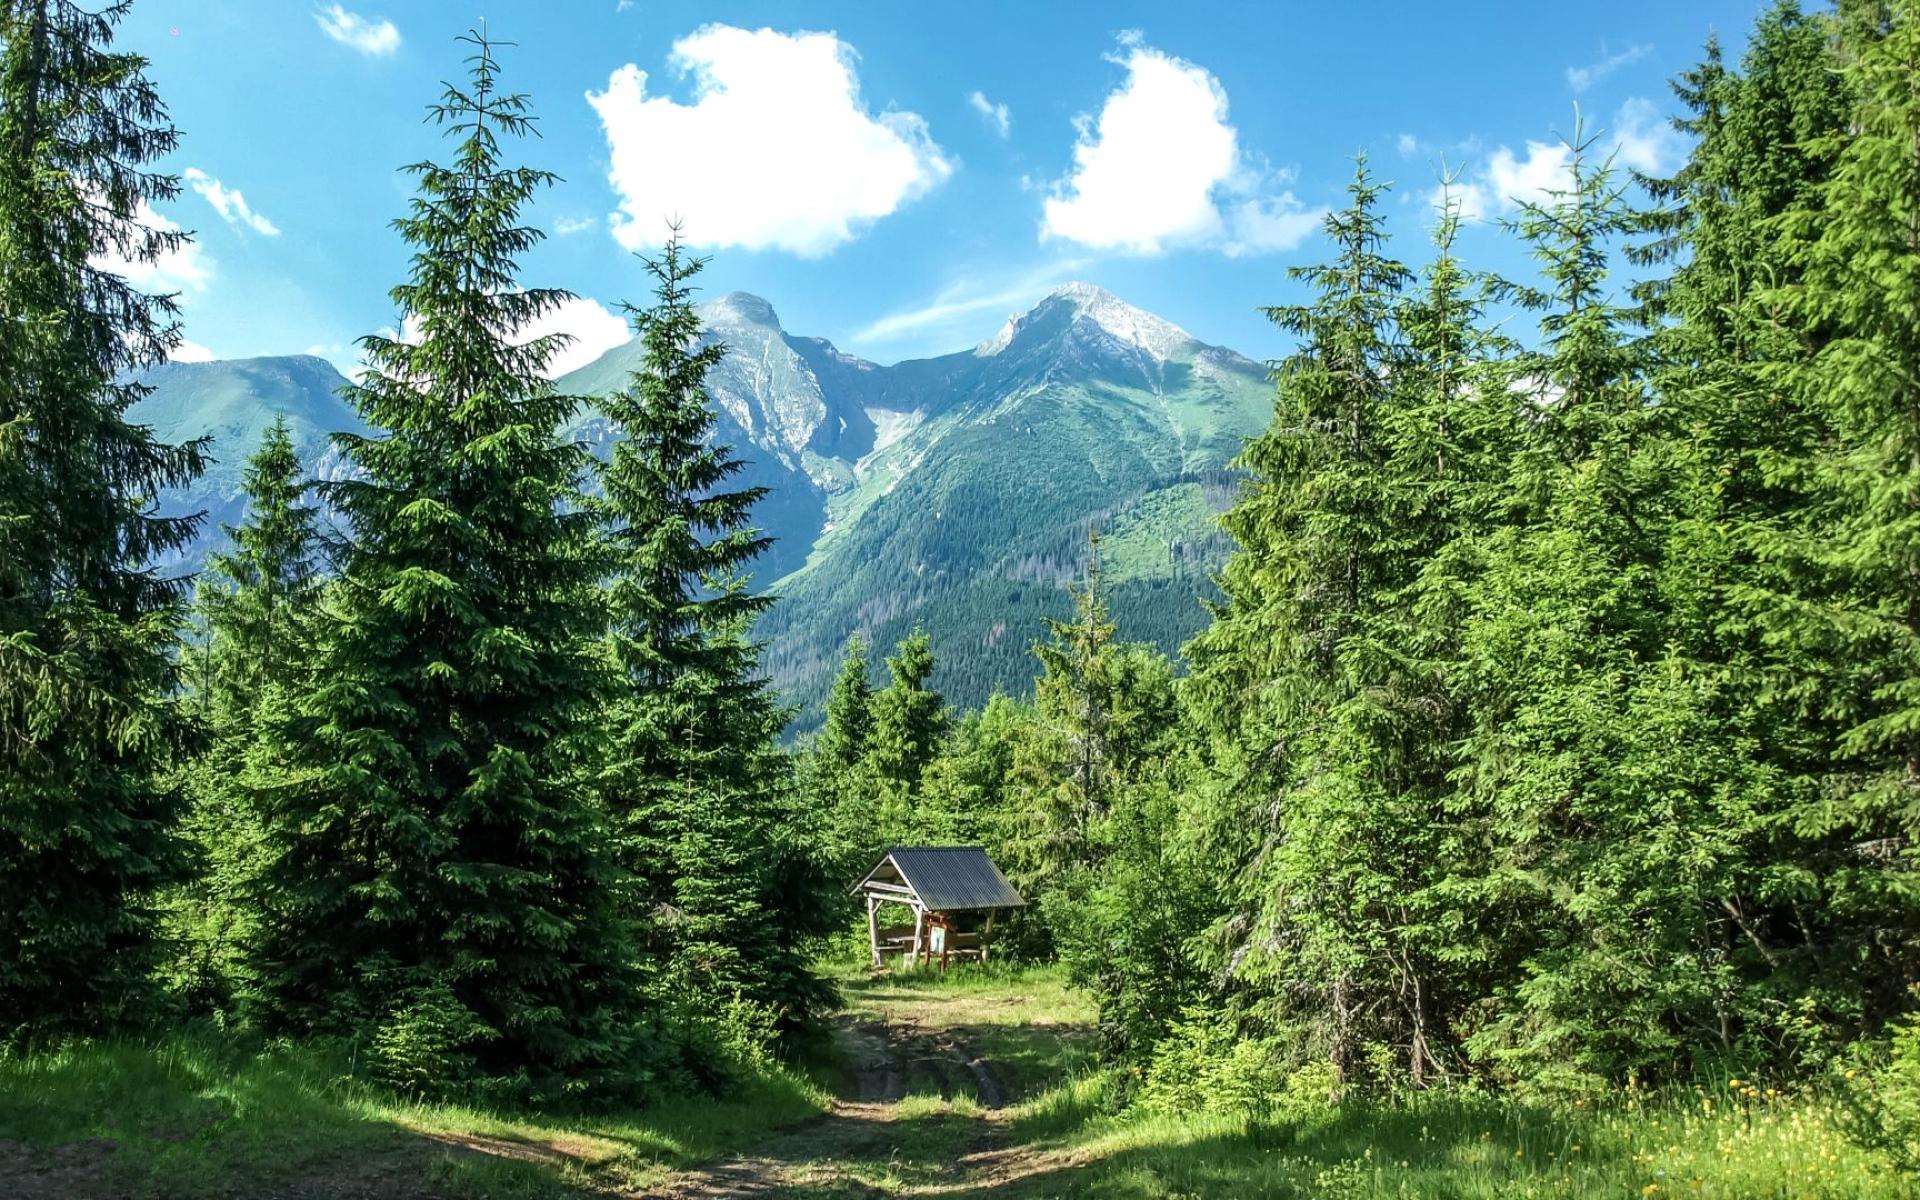 гора ели деревья дом mountain ate trees the house загрузить